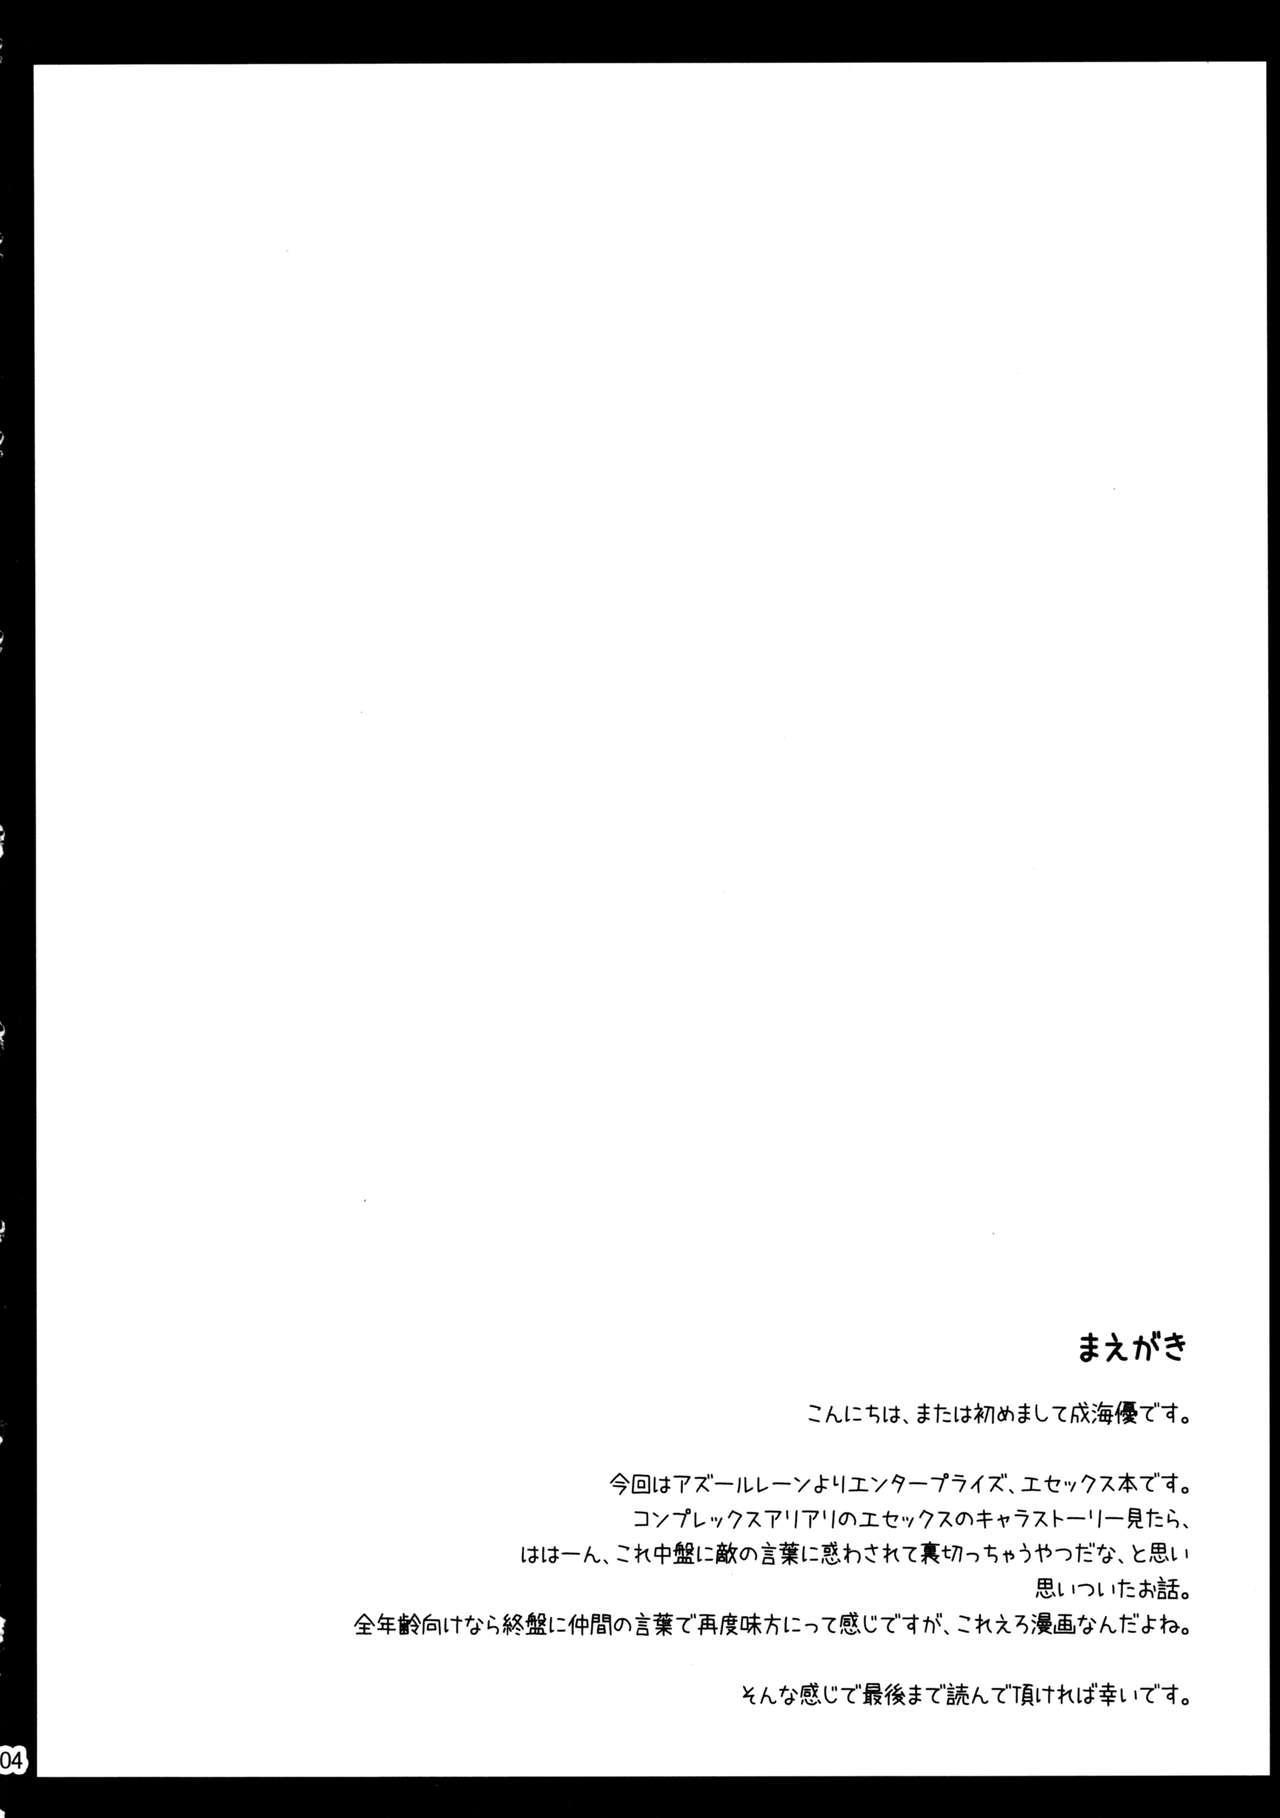 Jiyuu no Tsubasa wa Kairaku ni Ochiru 2